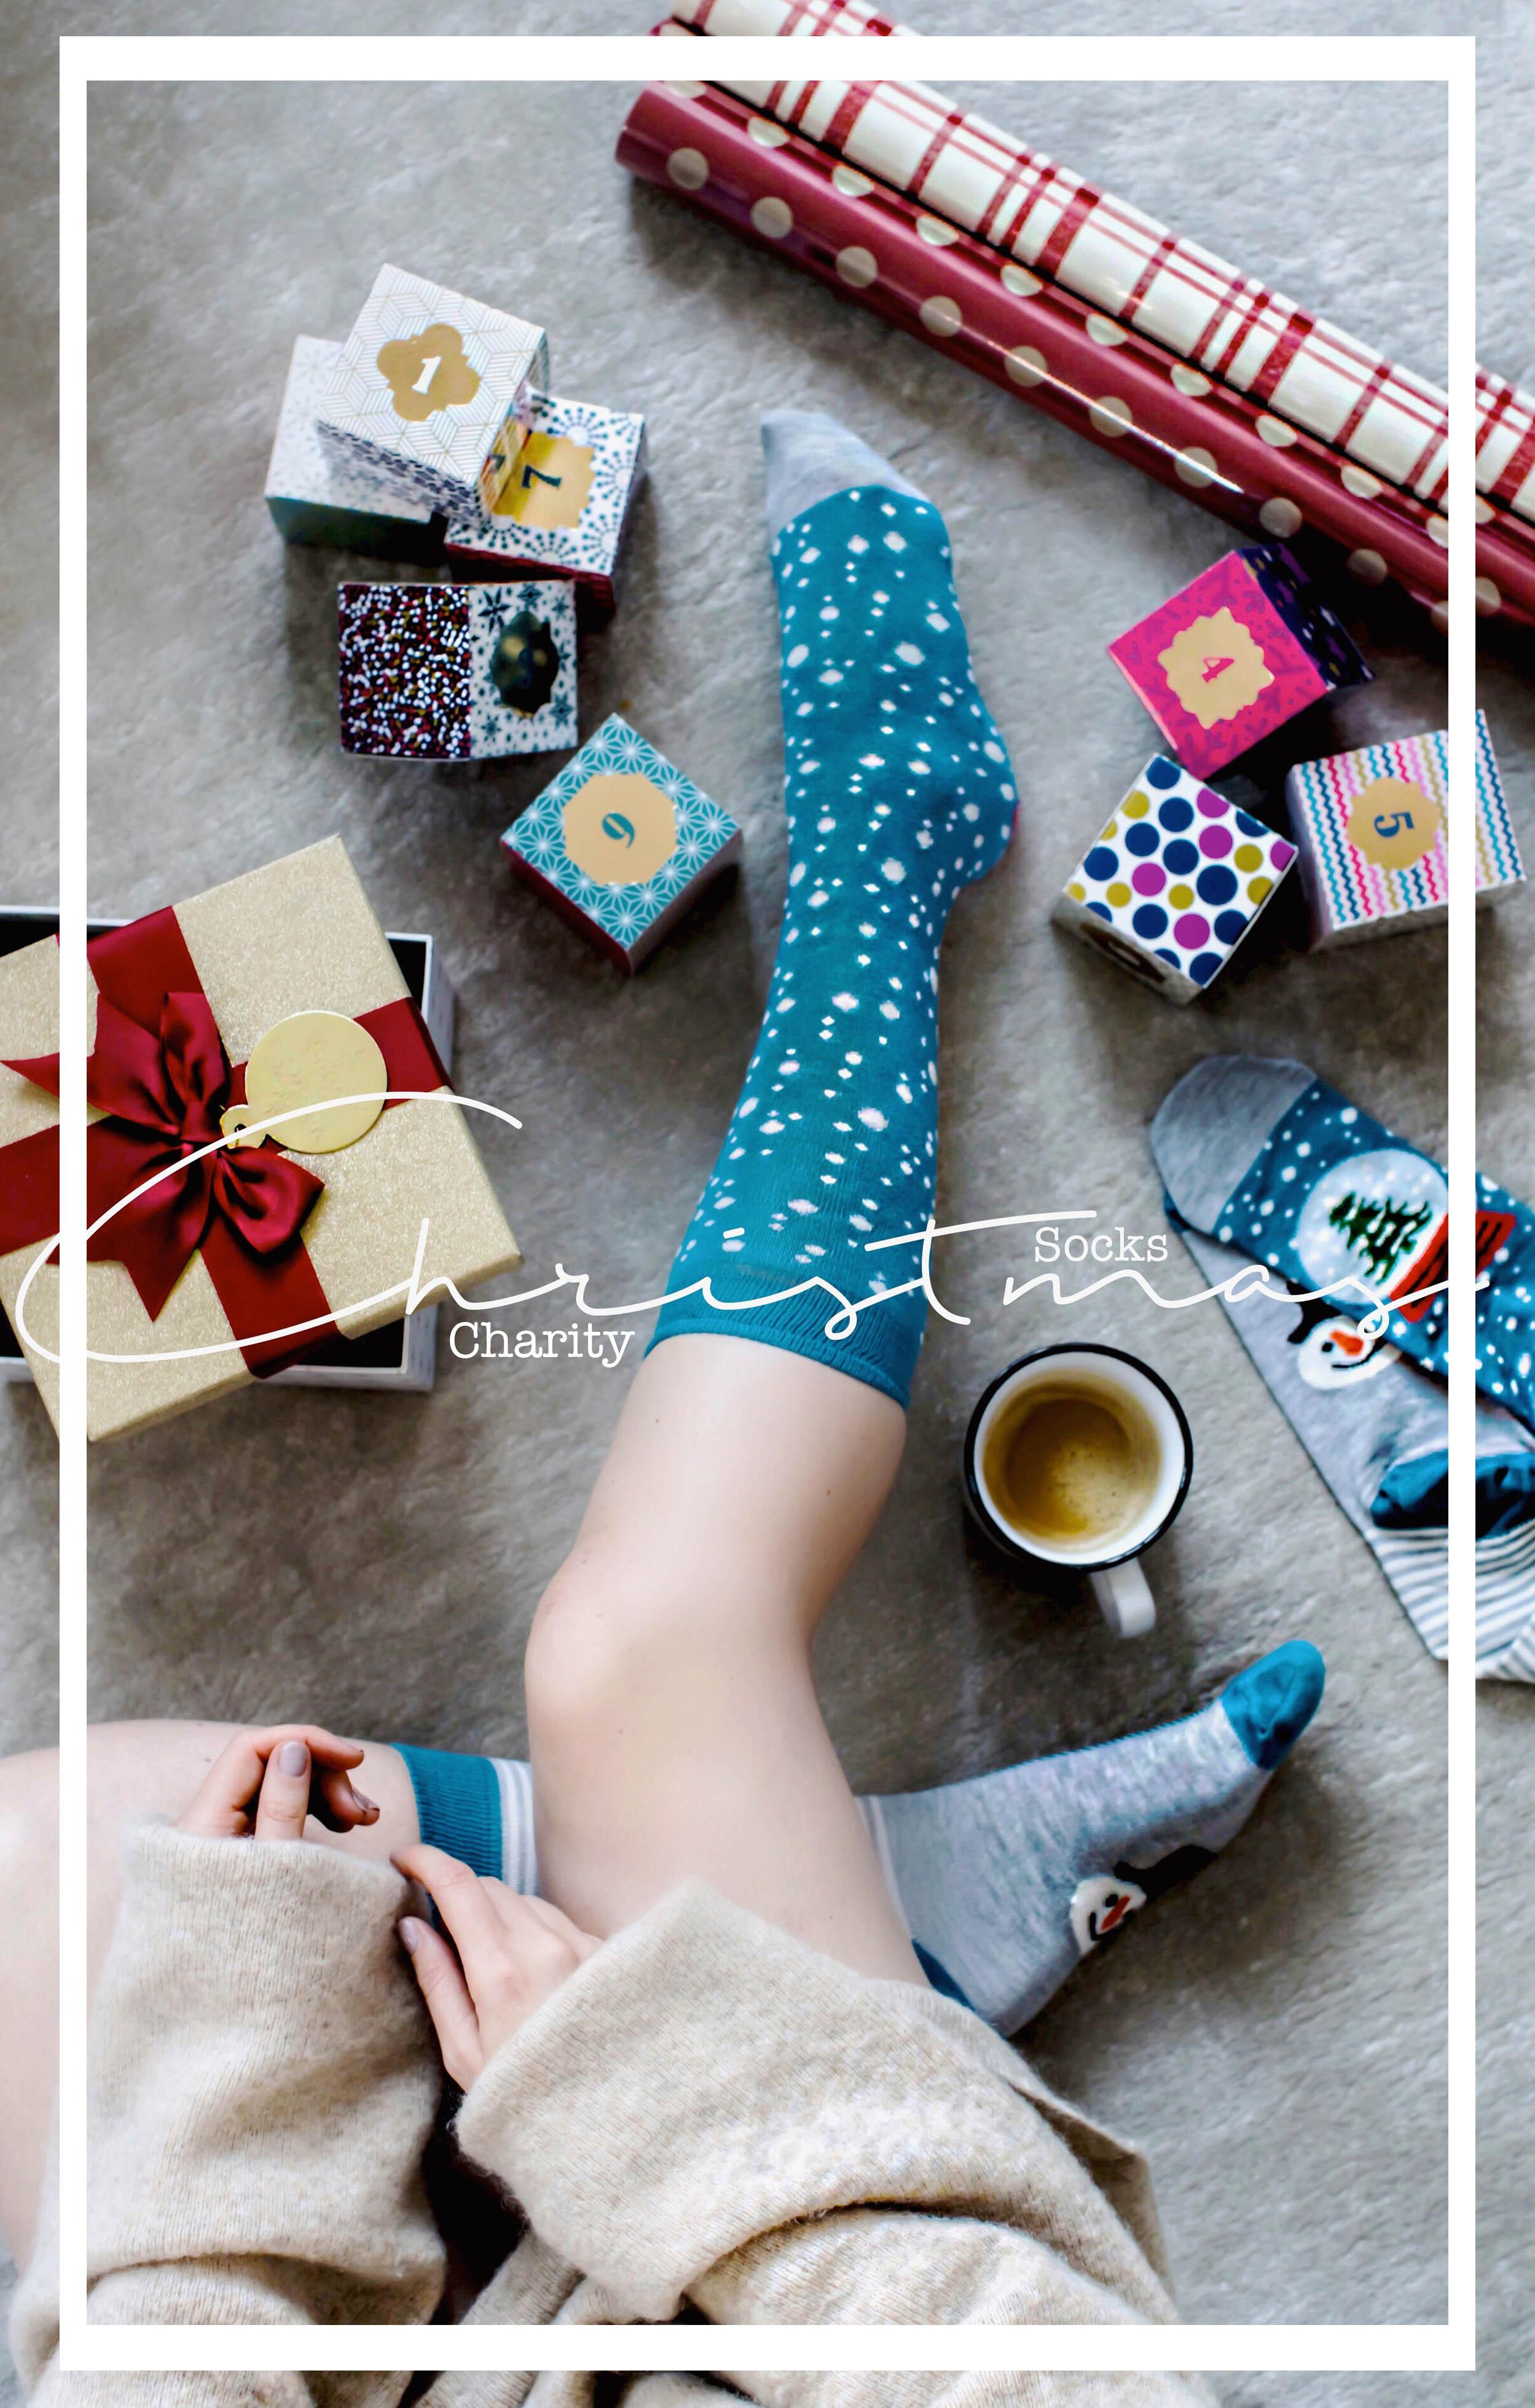 christmas socks day charity aktion von TK Maxx spenden